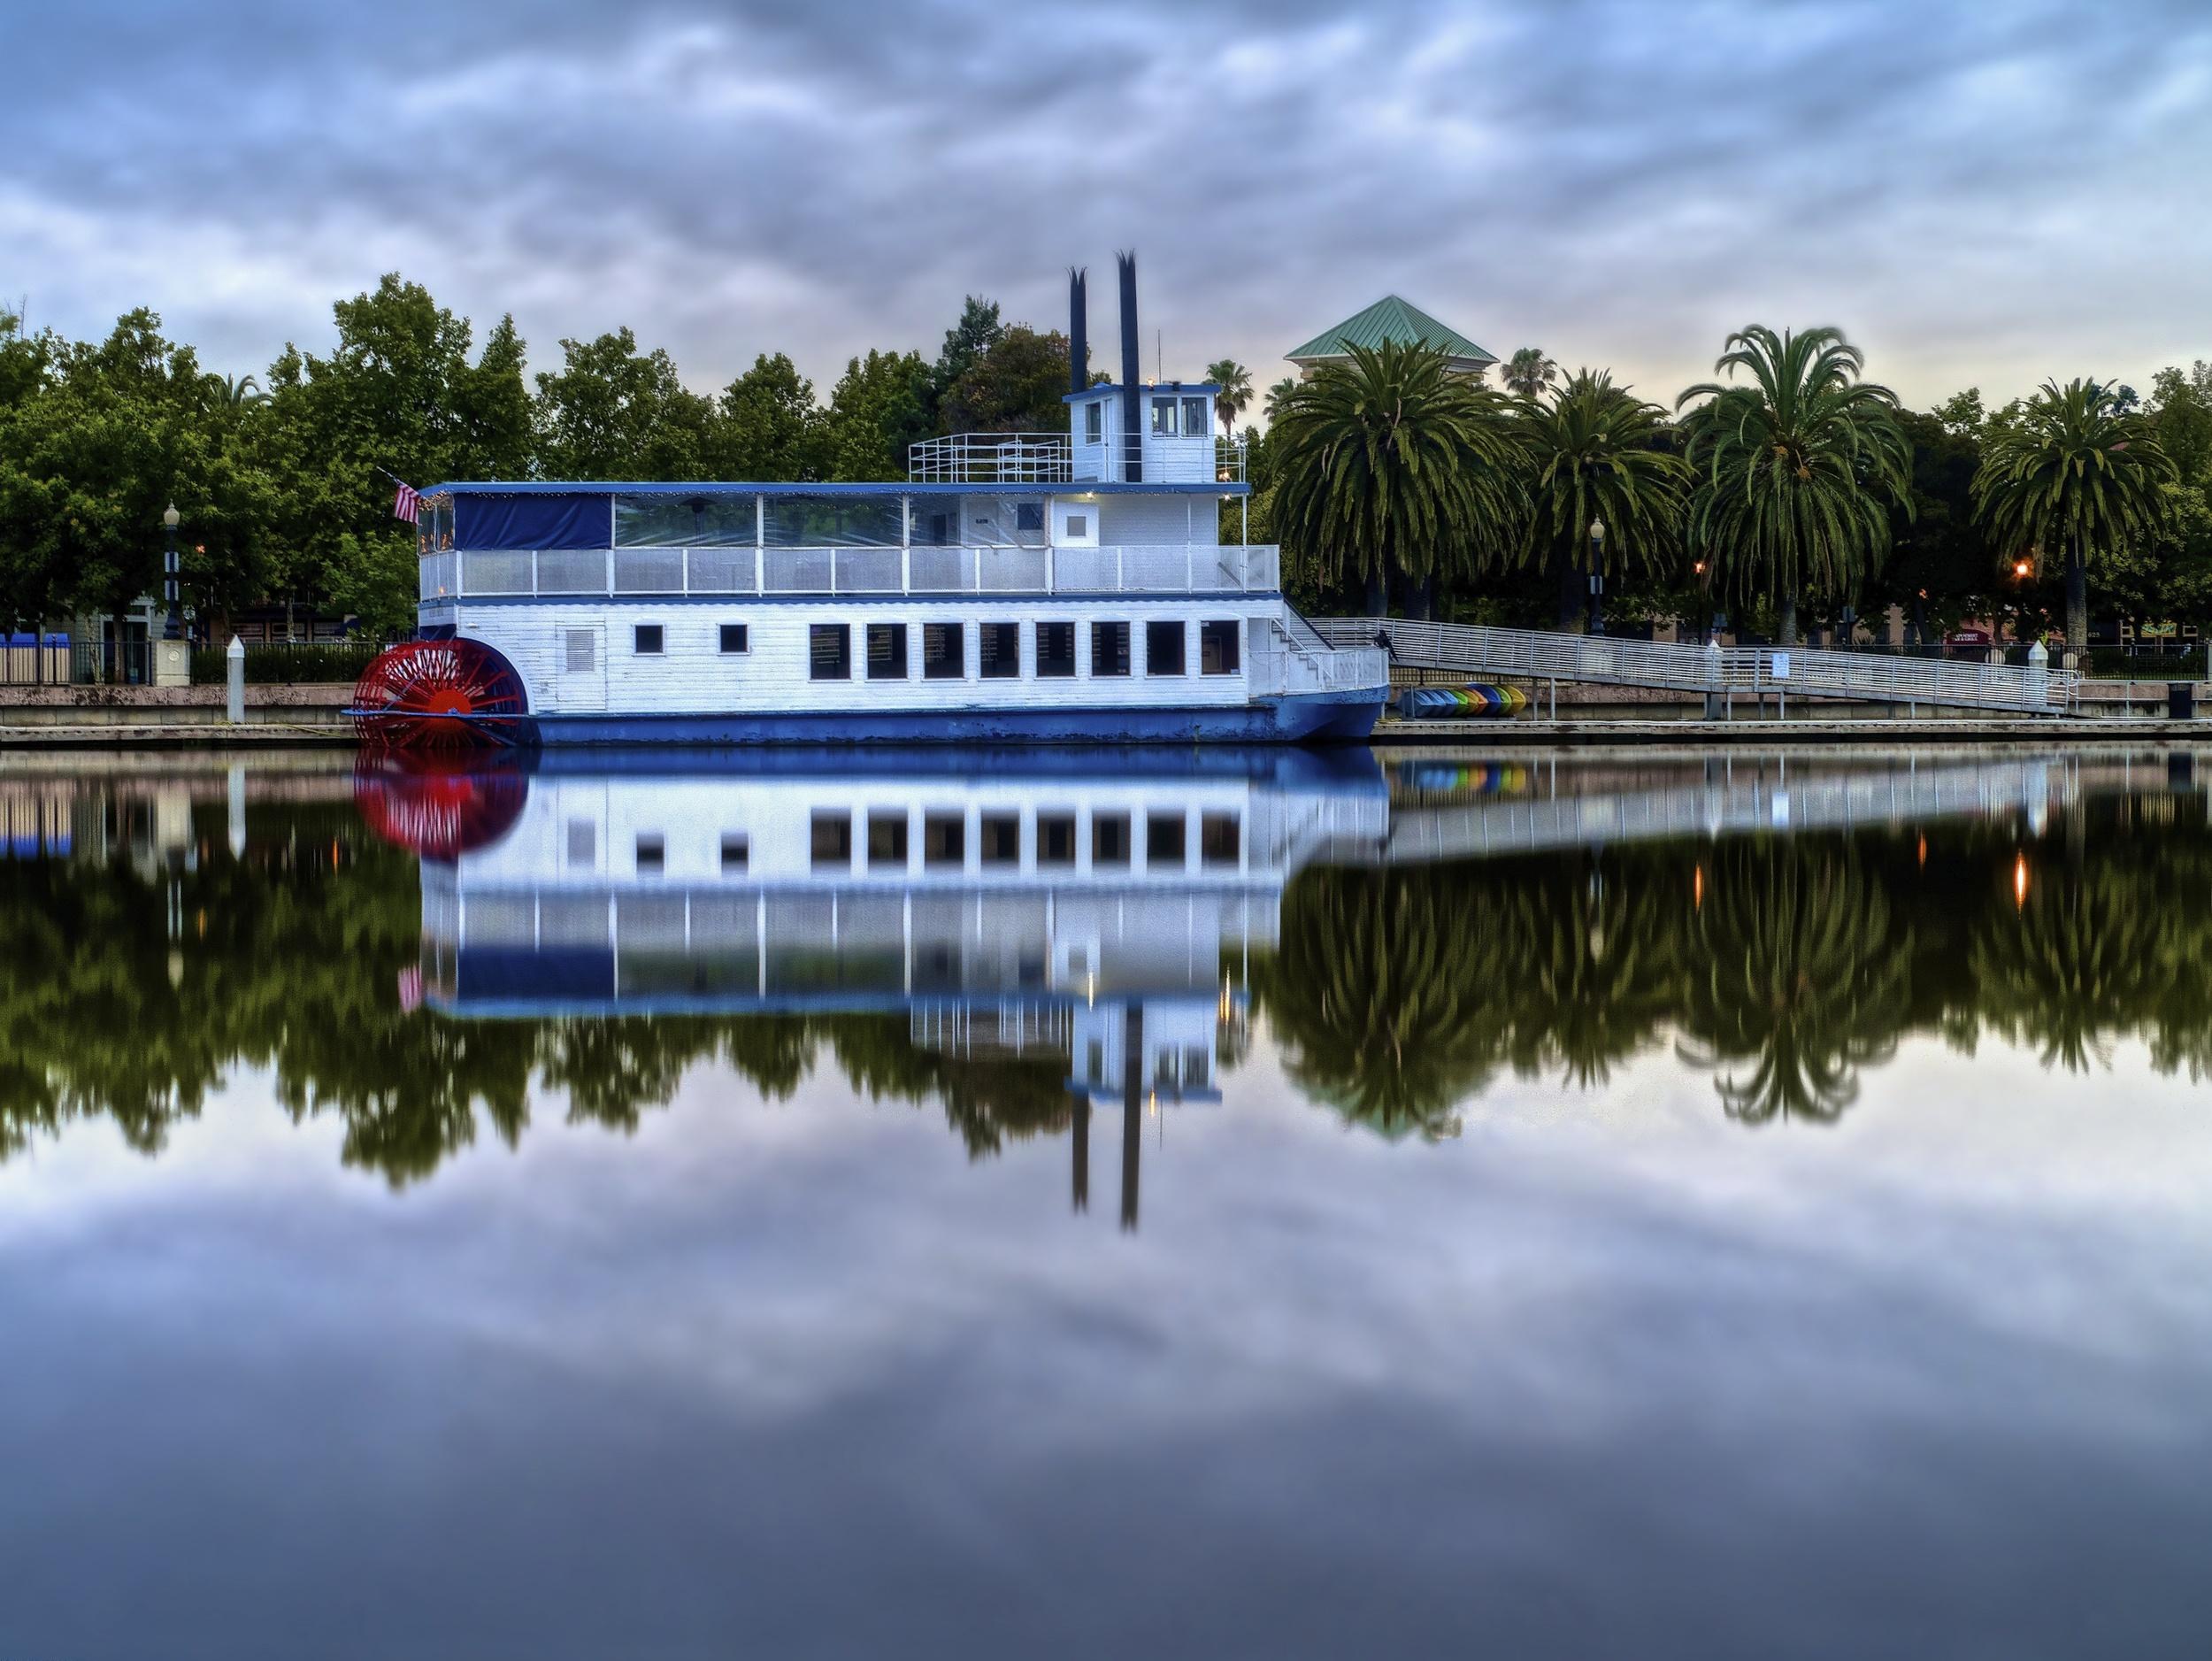 Riverboat Matthew McKinley